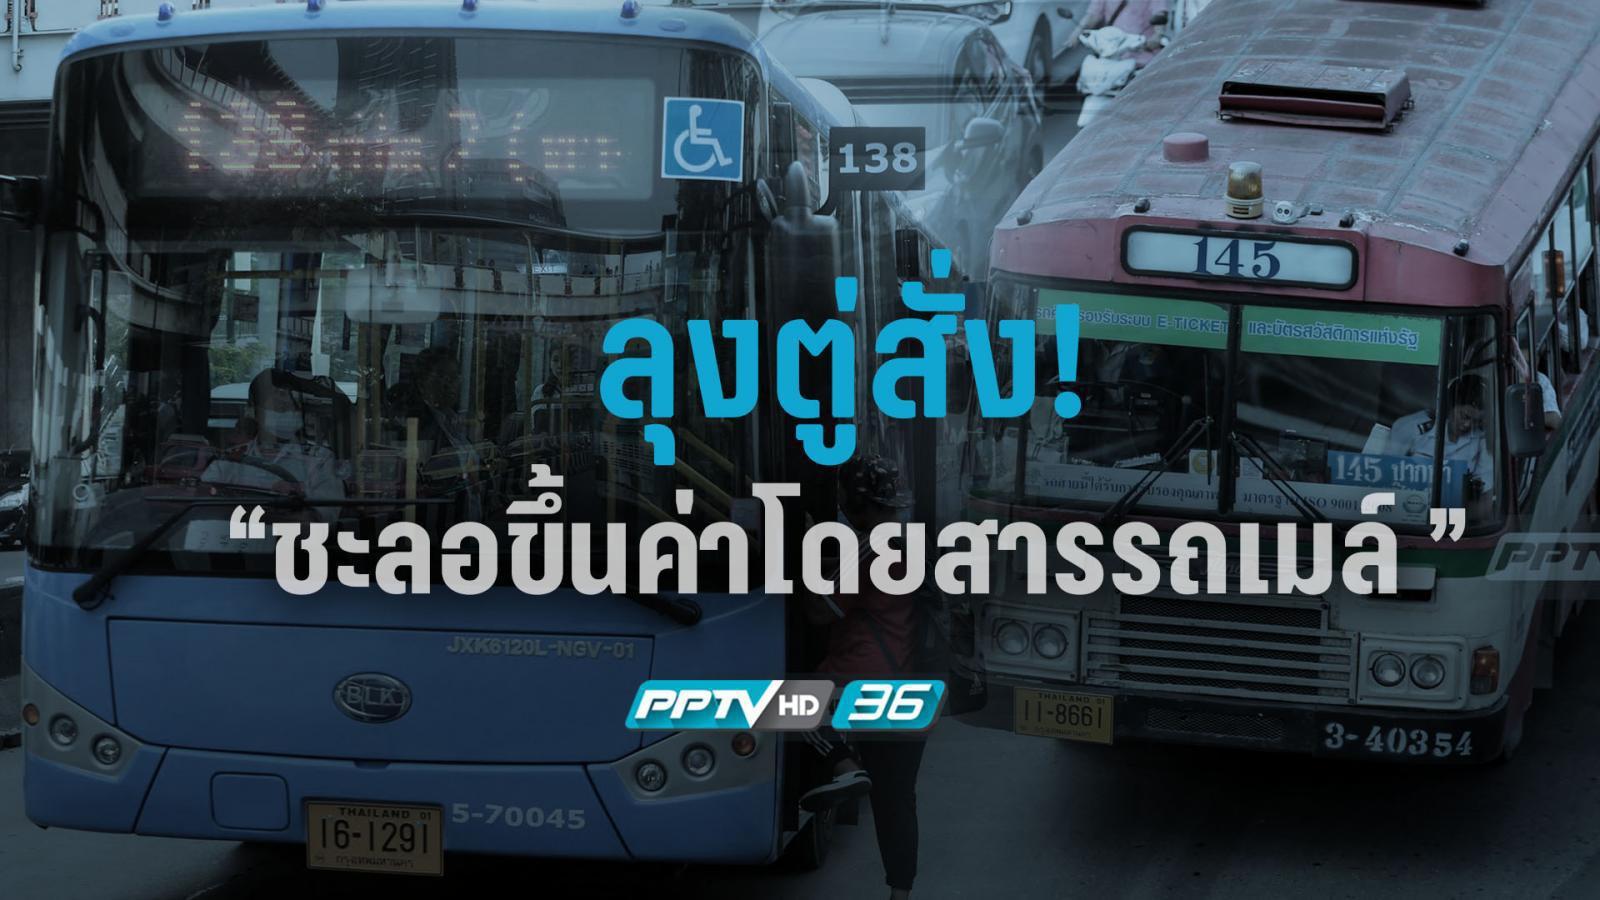 """เปิด """"โครงสร้างค่าโดยสารรถเมล์"""" ทั้งที่โดนสั่งชะลอและราคา  NGV รุ่นใหม่"""